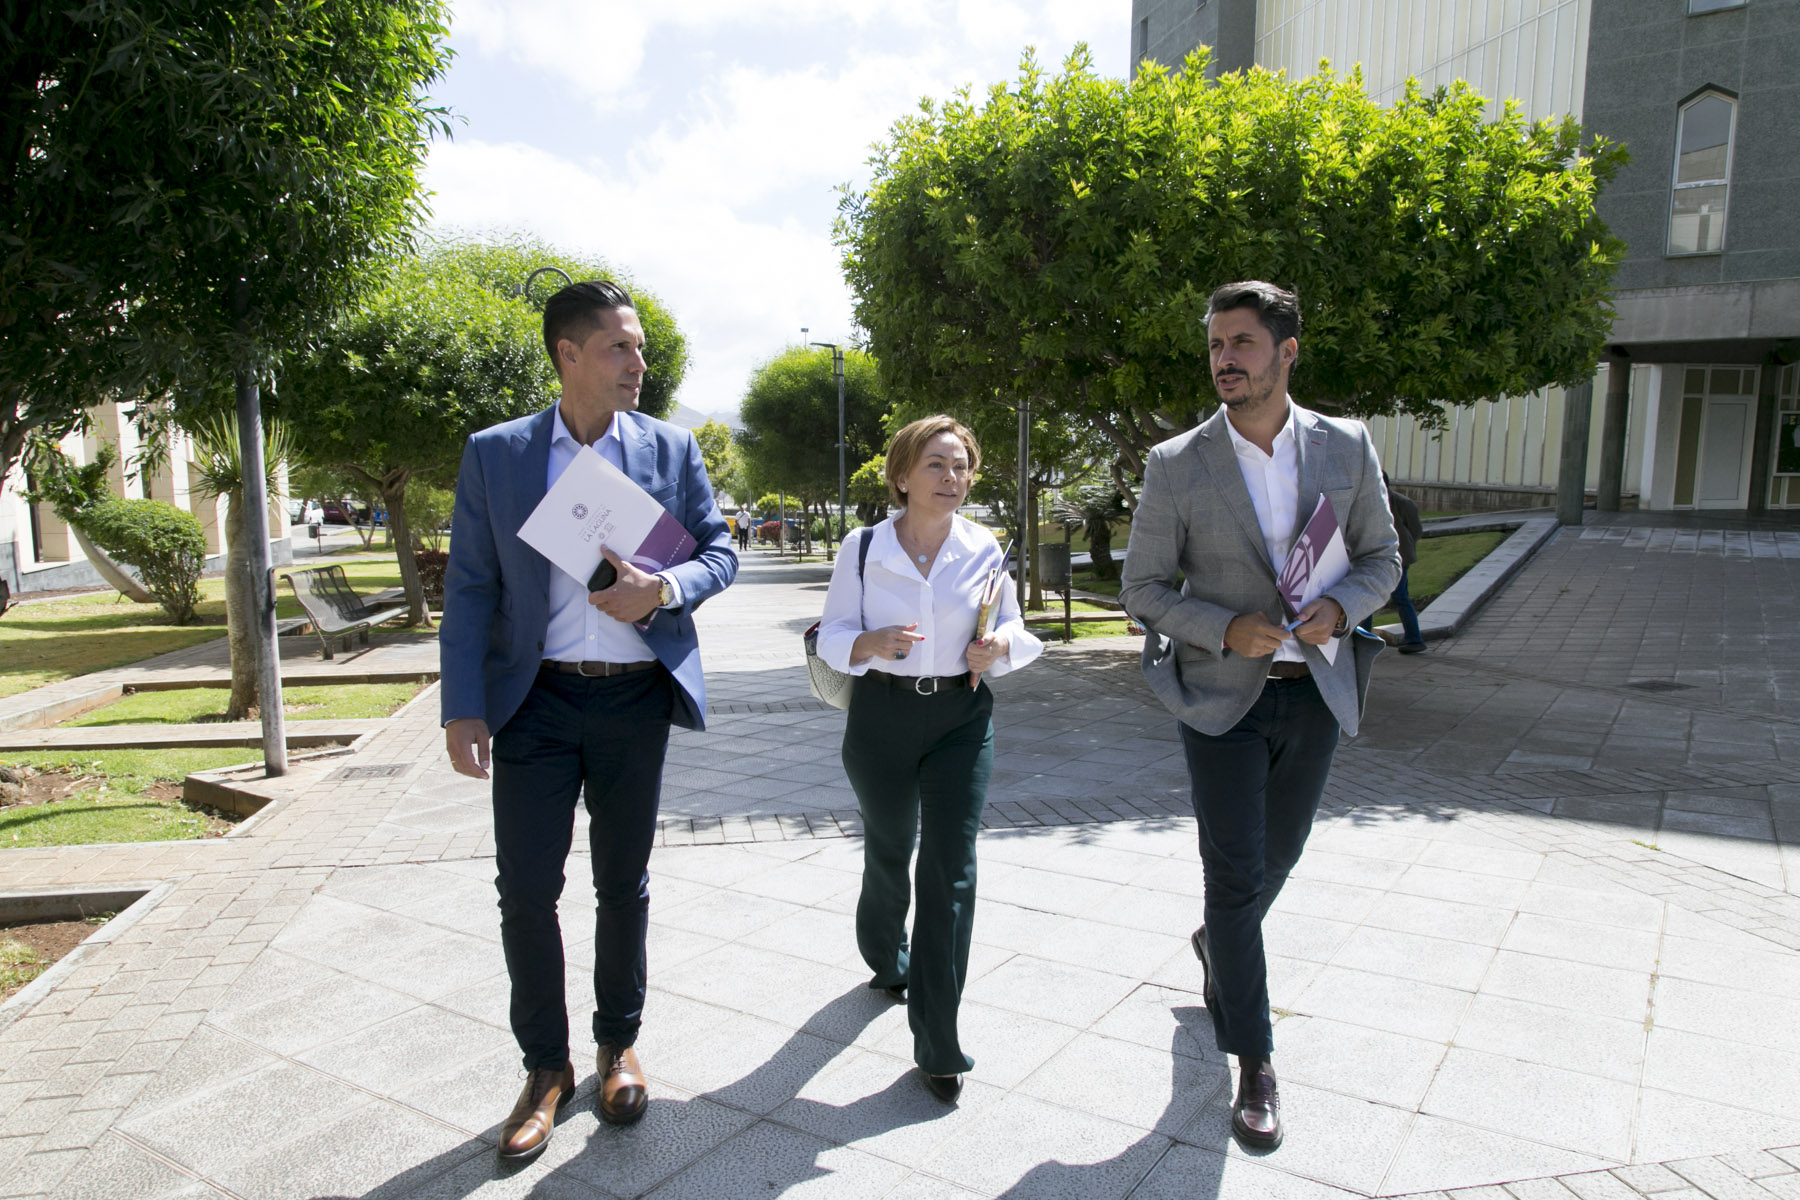 Ayuntamiento de La laguna y ULL llegan a un acuerdo para reabrir un solar en Gracia como aparcamiento público